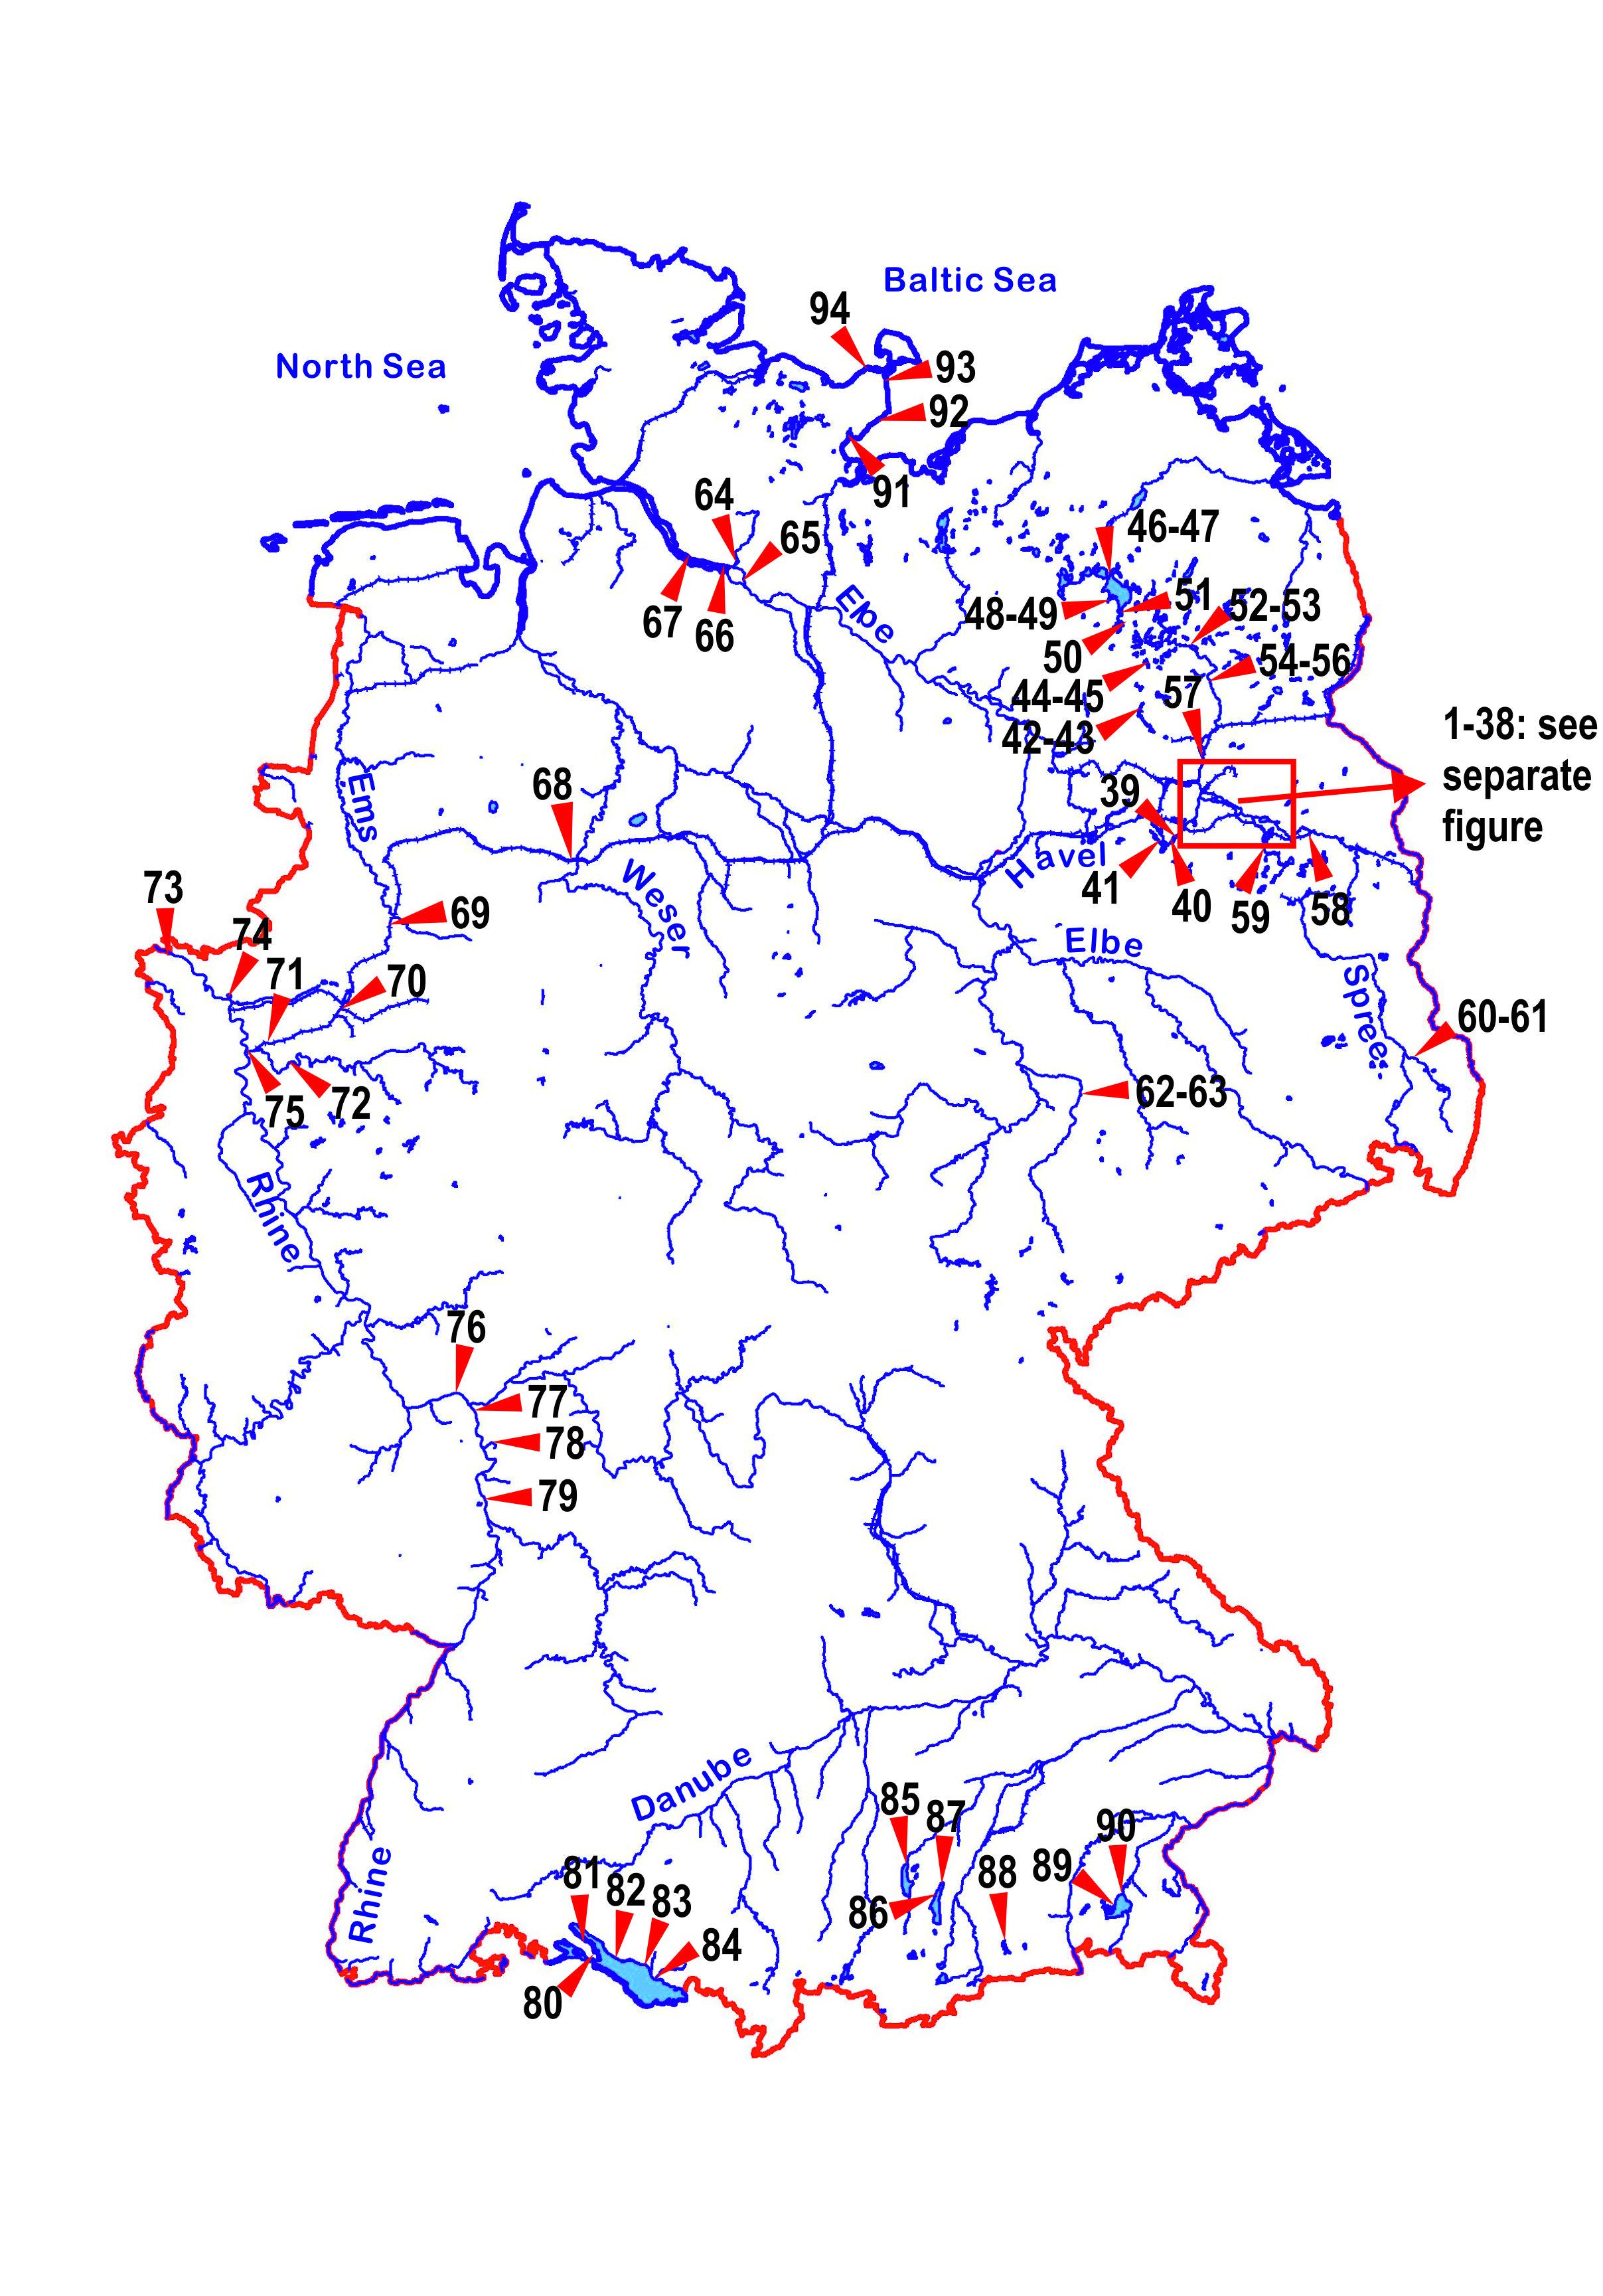 Die Deutschlandkarte zeigt die Stellen der Probenentnahme zur Untersuchung der Irgarolkonzentration